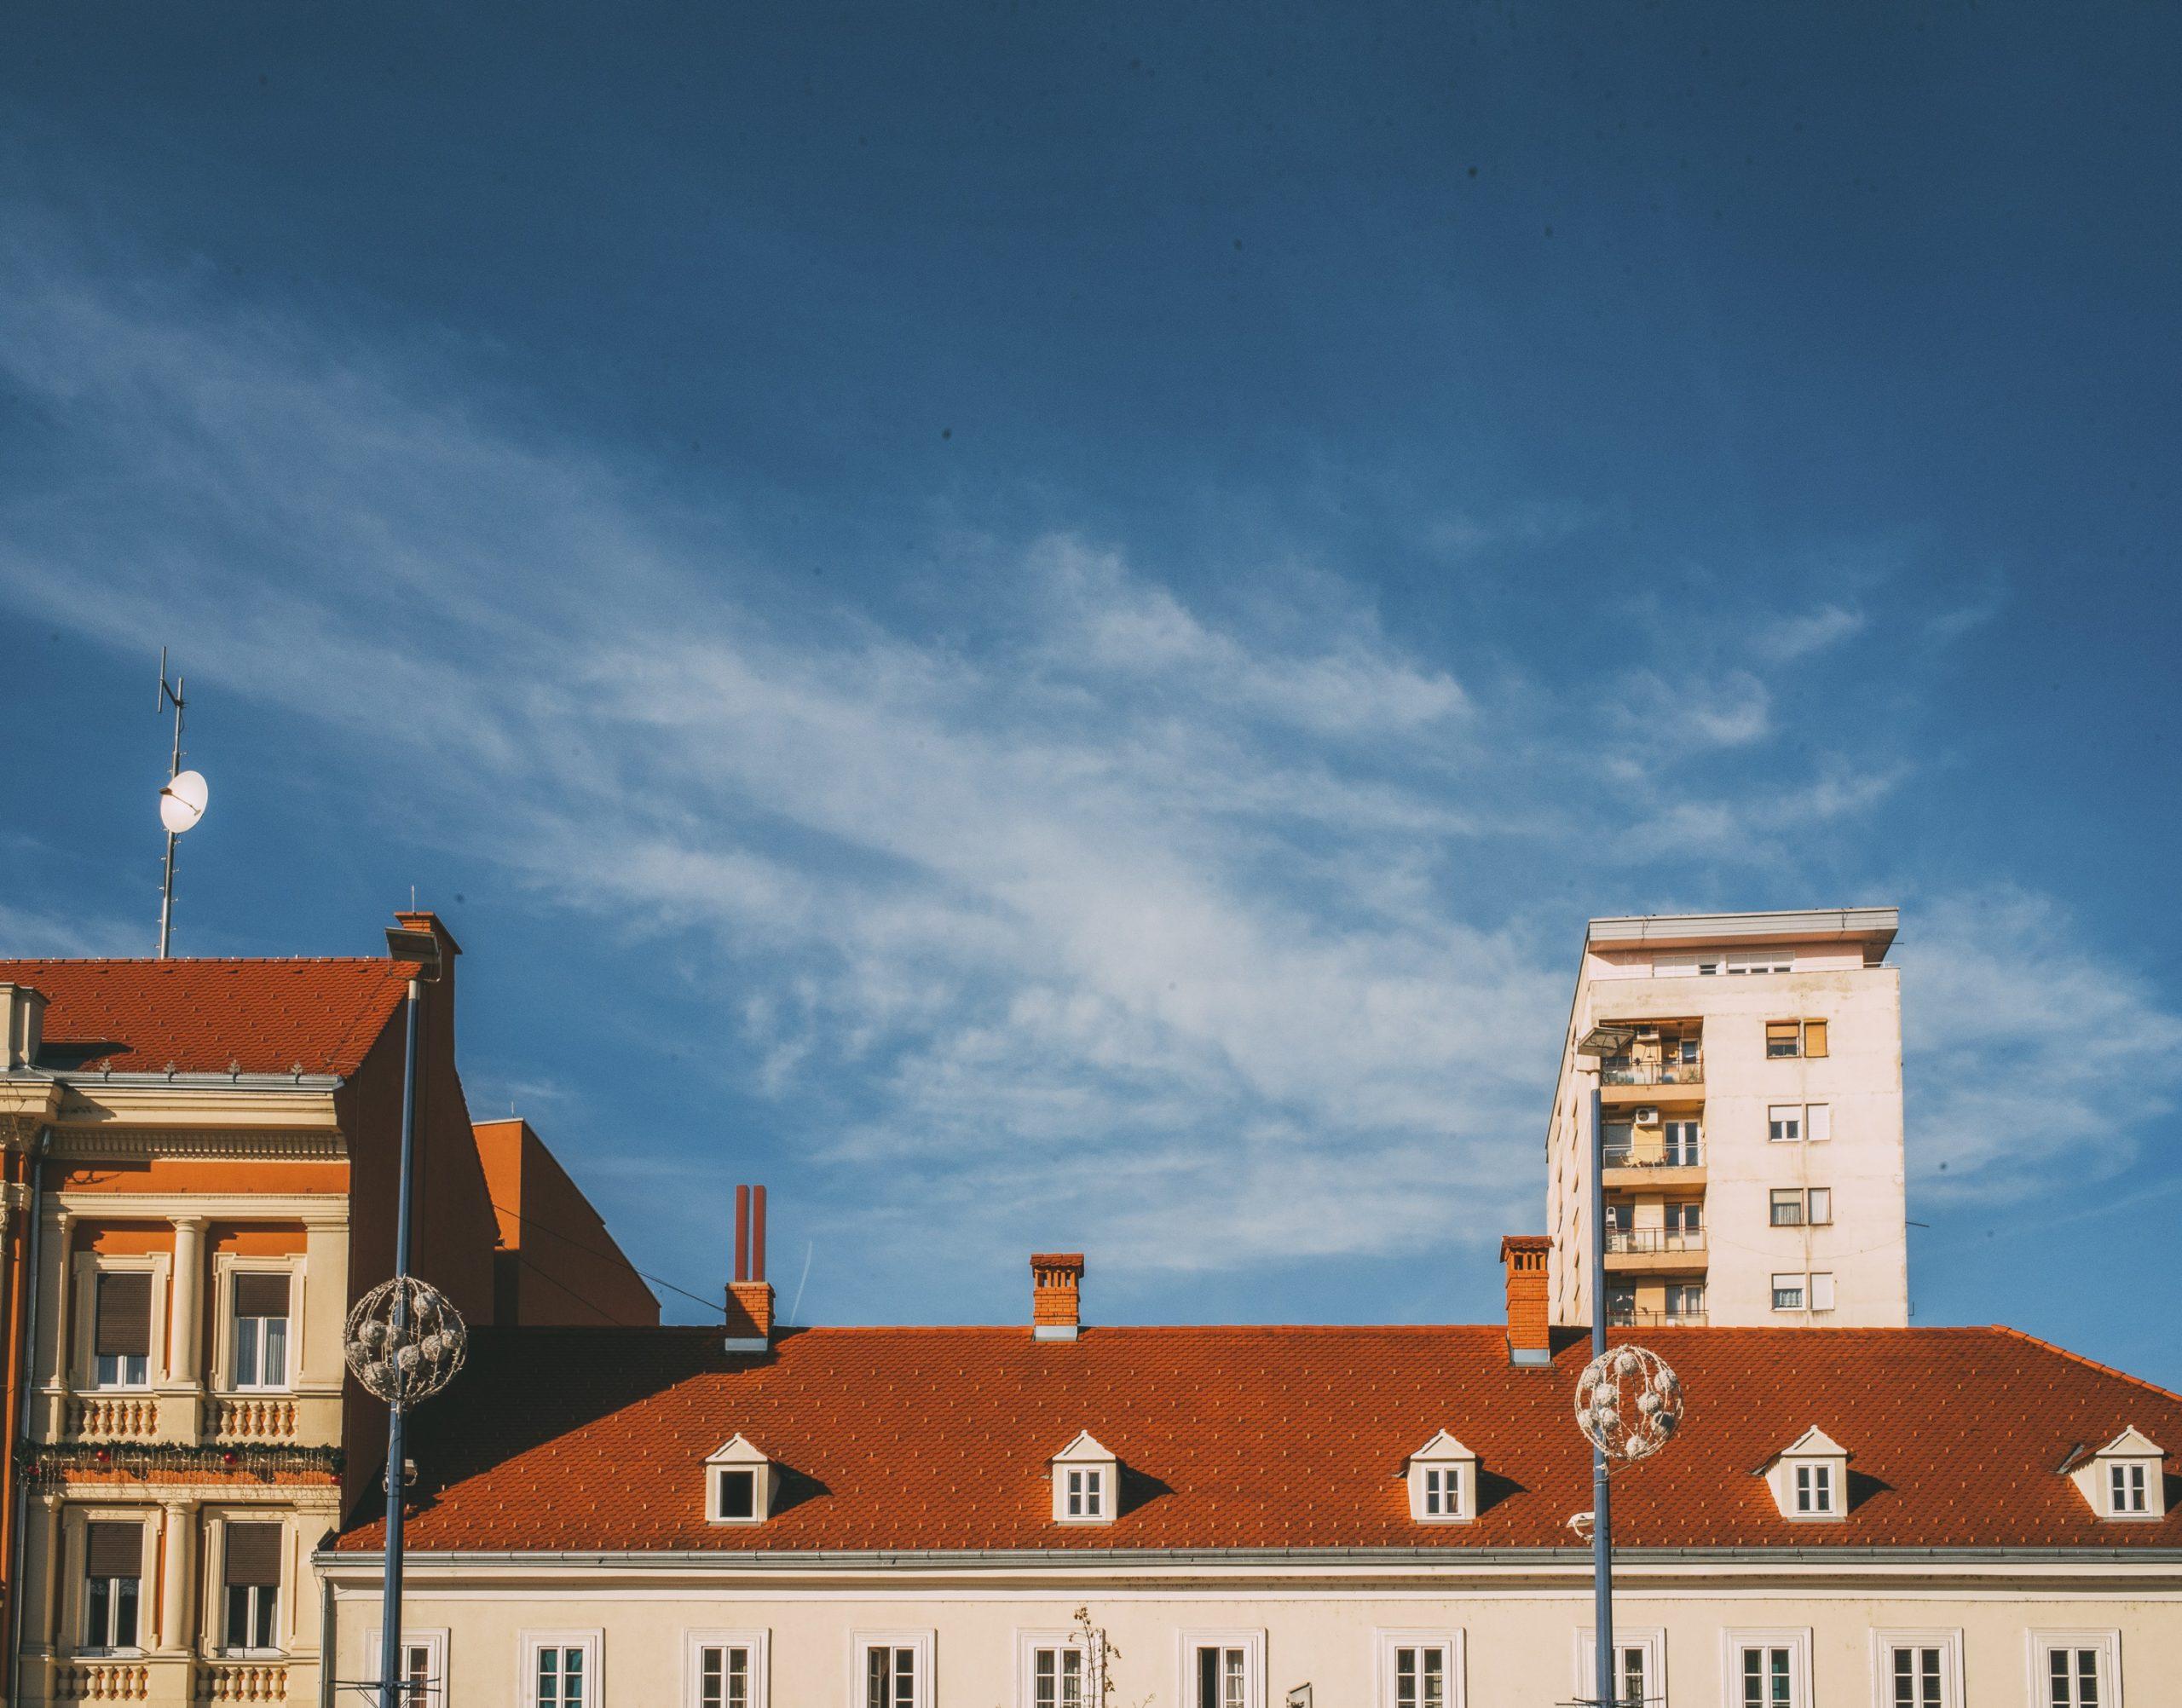 Plan razvoja grada Karlovca 2021.-2030. i javno savjetovanje